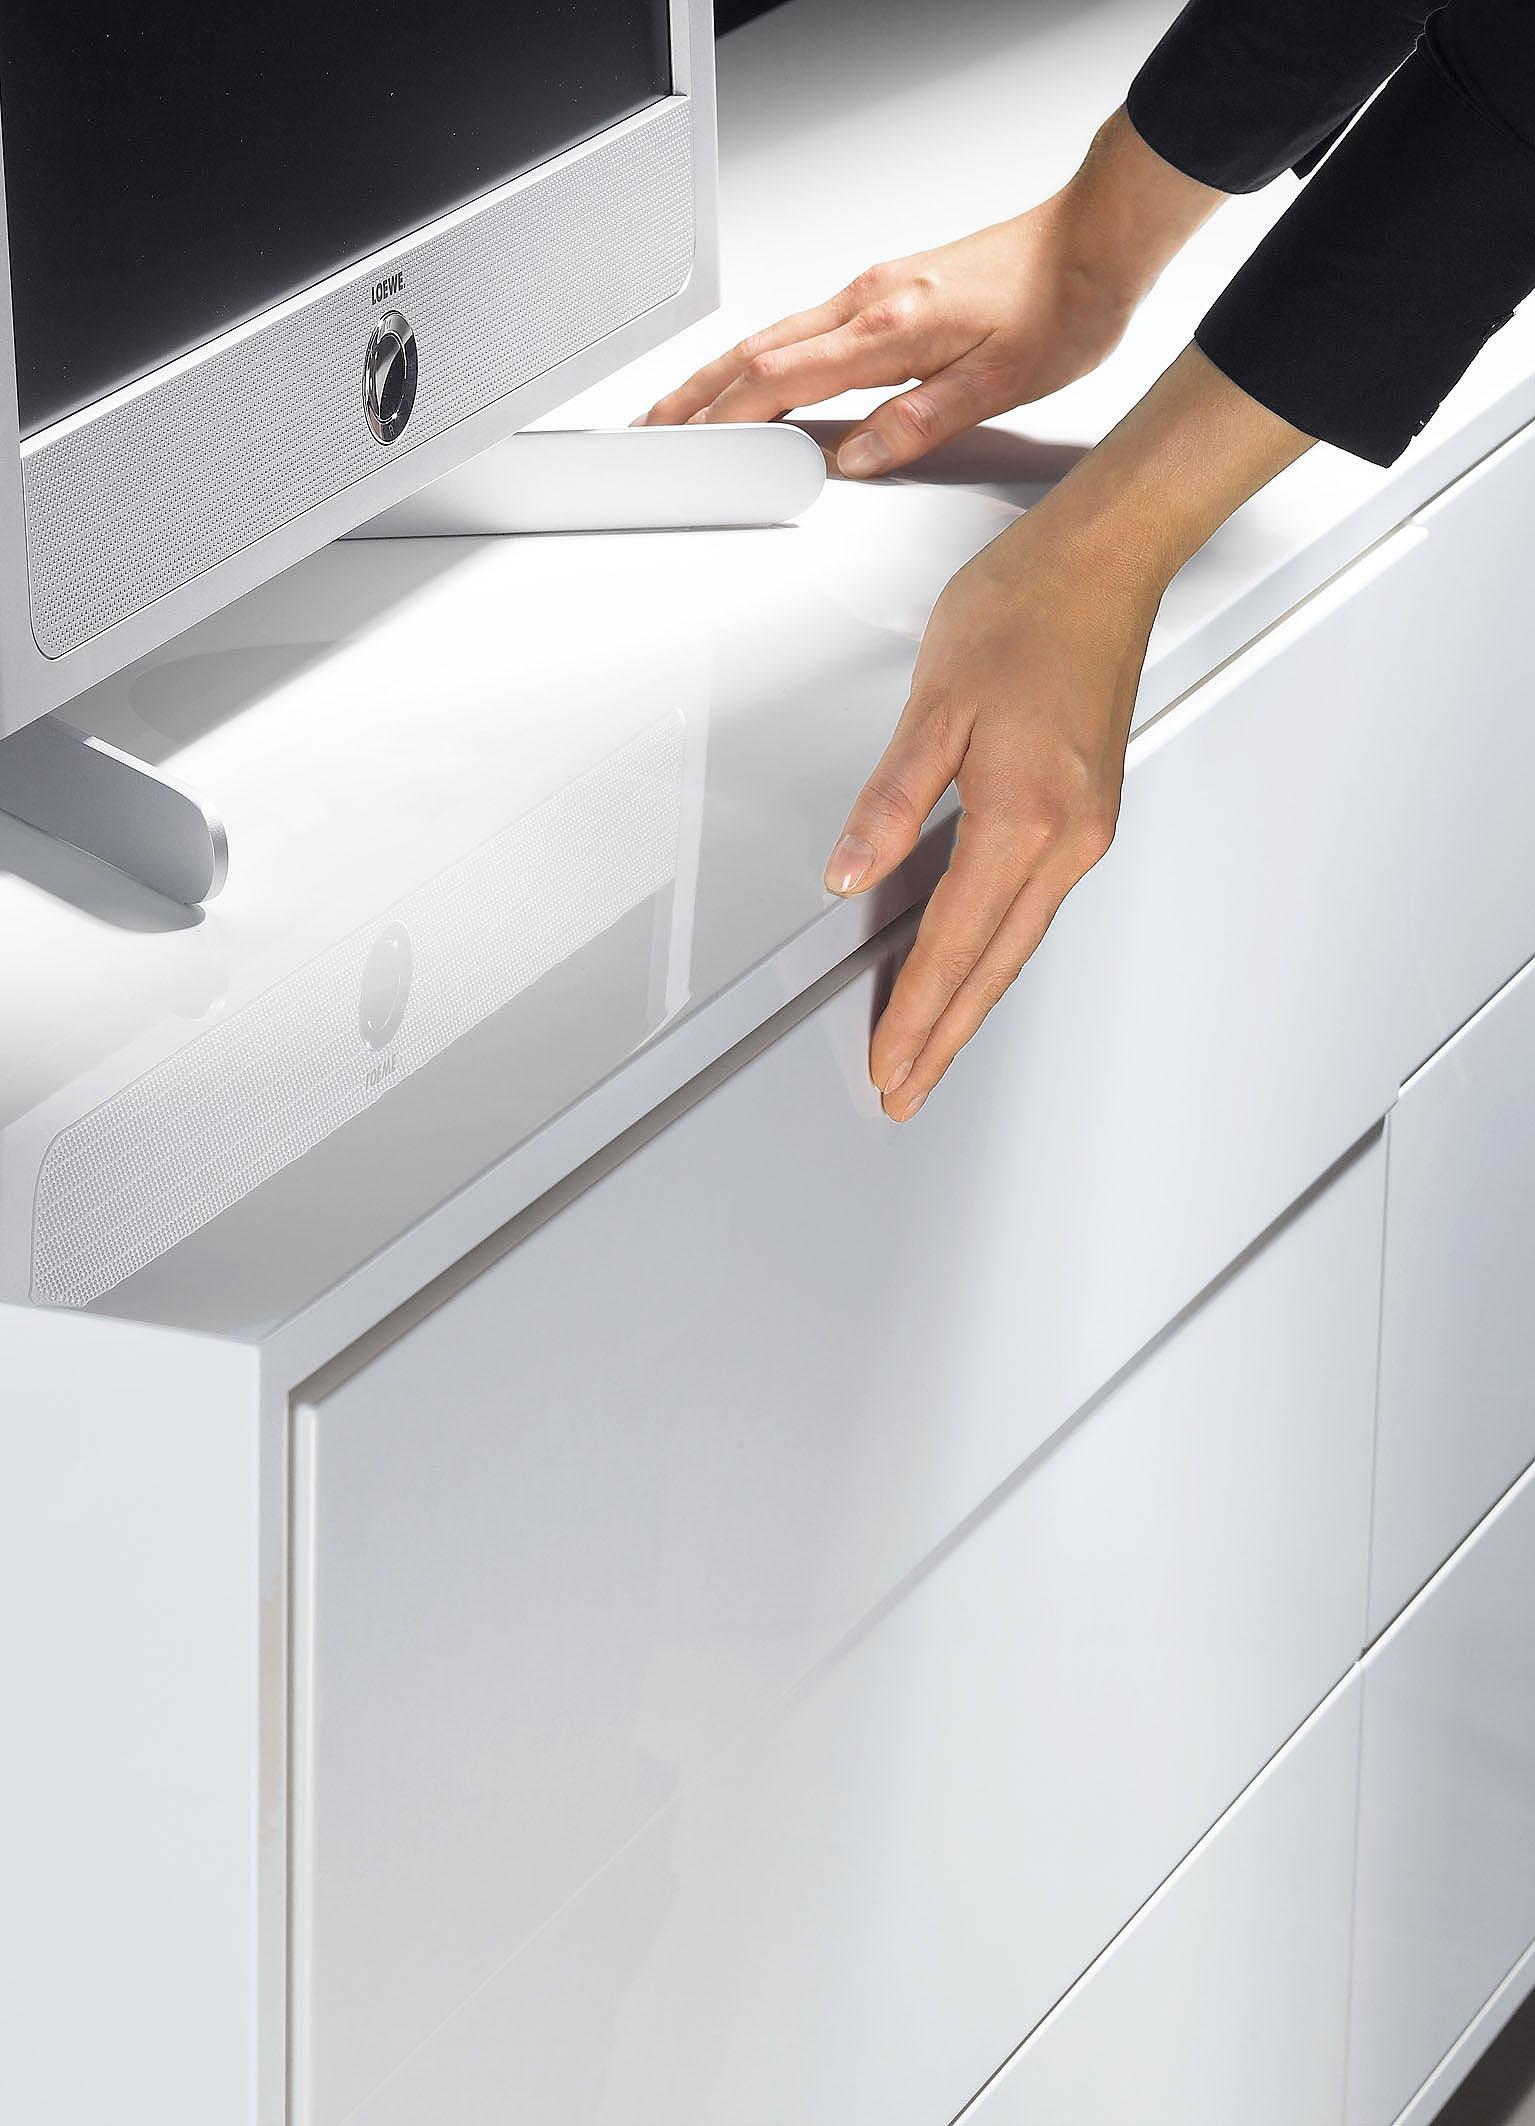 Dzięki nowoczesnej technice meblowej ? takiej jak system Push to open ? wystarczy dotknąć front szuflady, aby ją otworzyć. Fot. Hettich